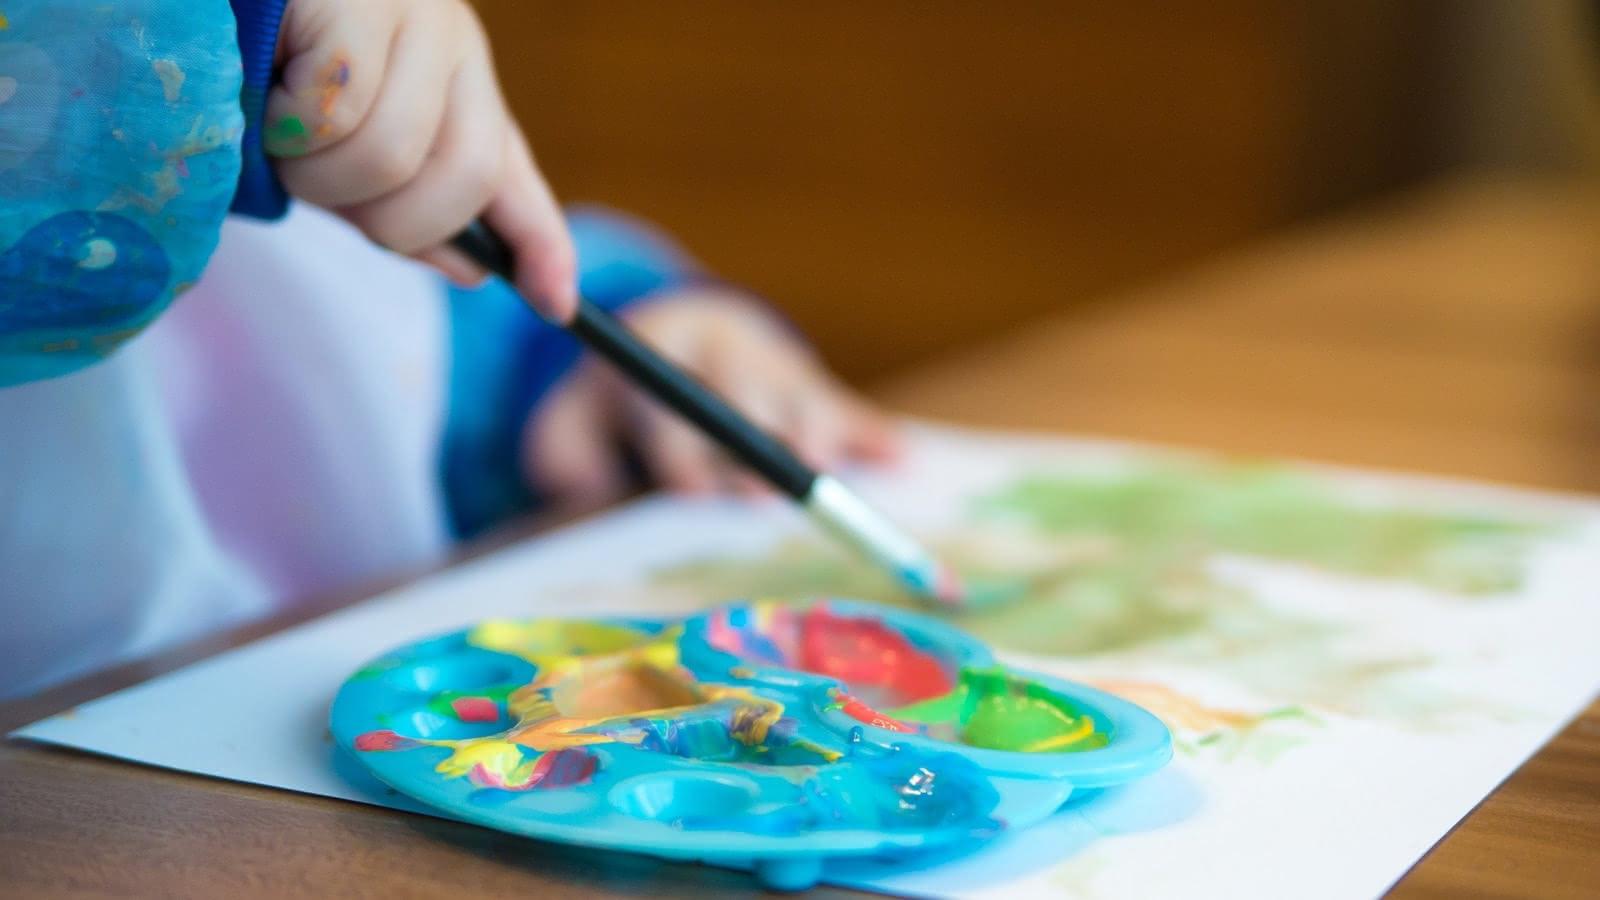 FRAC : Comme l'artiste, réalise une œuvre sans images, rien qu'avec des mots !